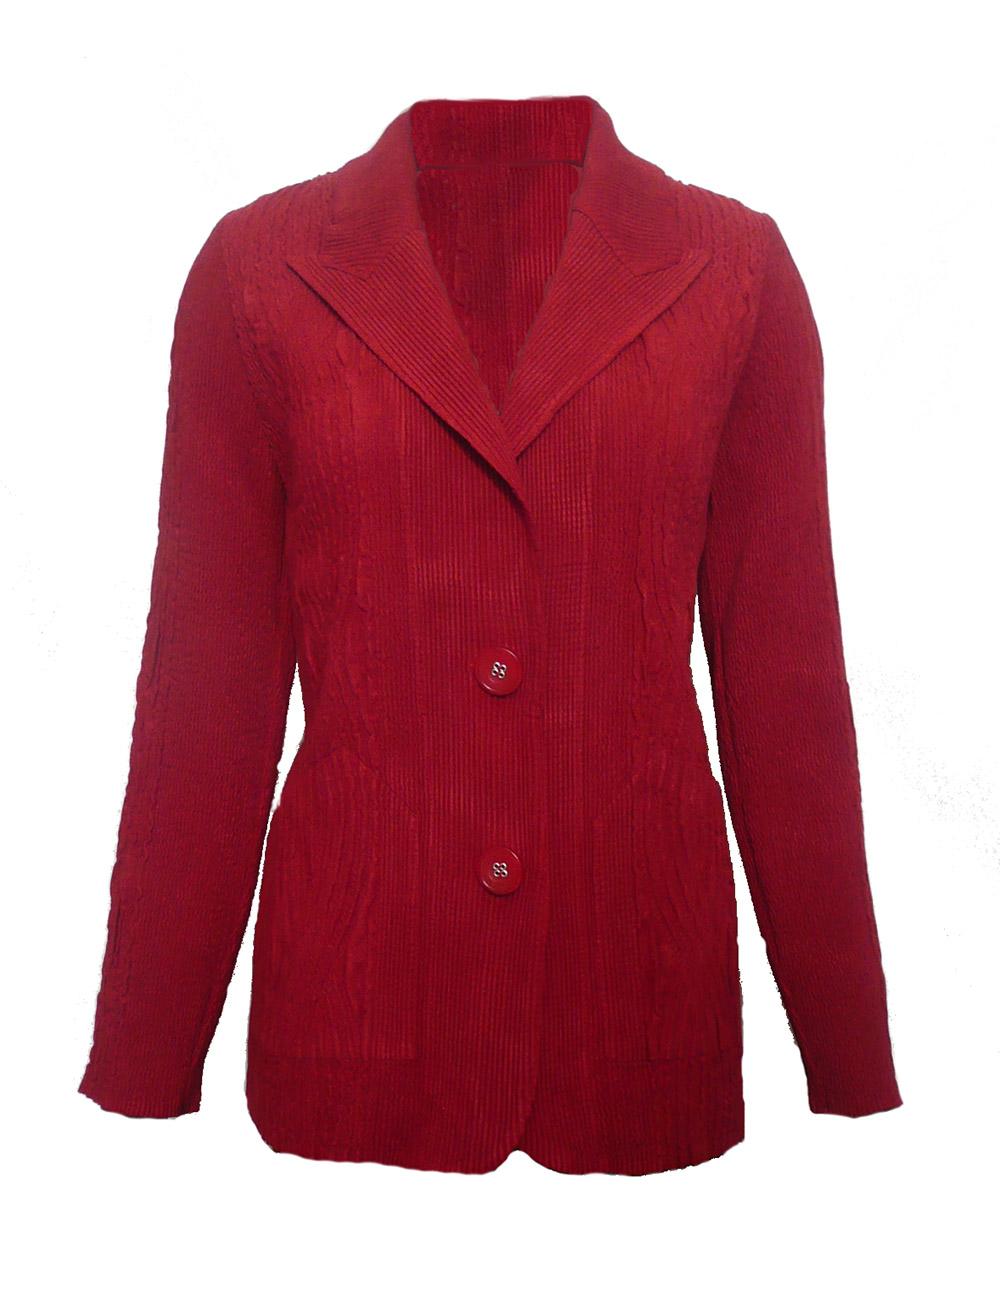 jacket red crinkle.jpg